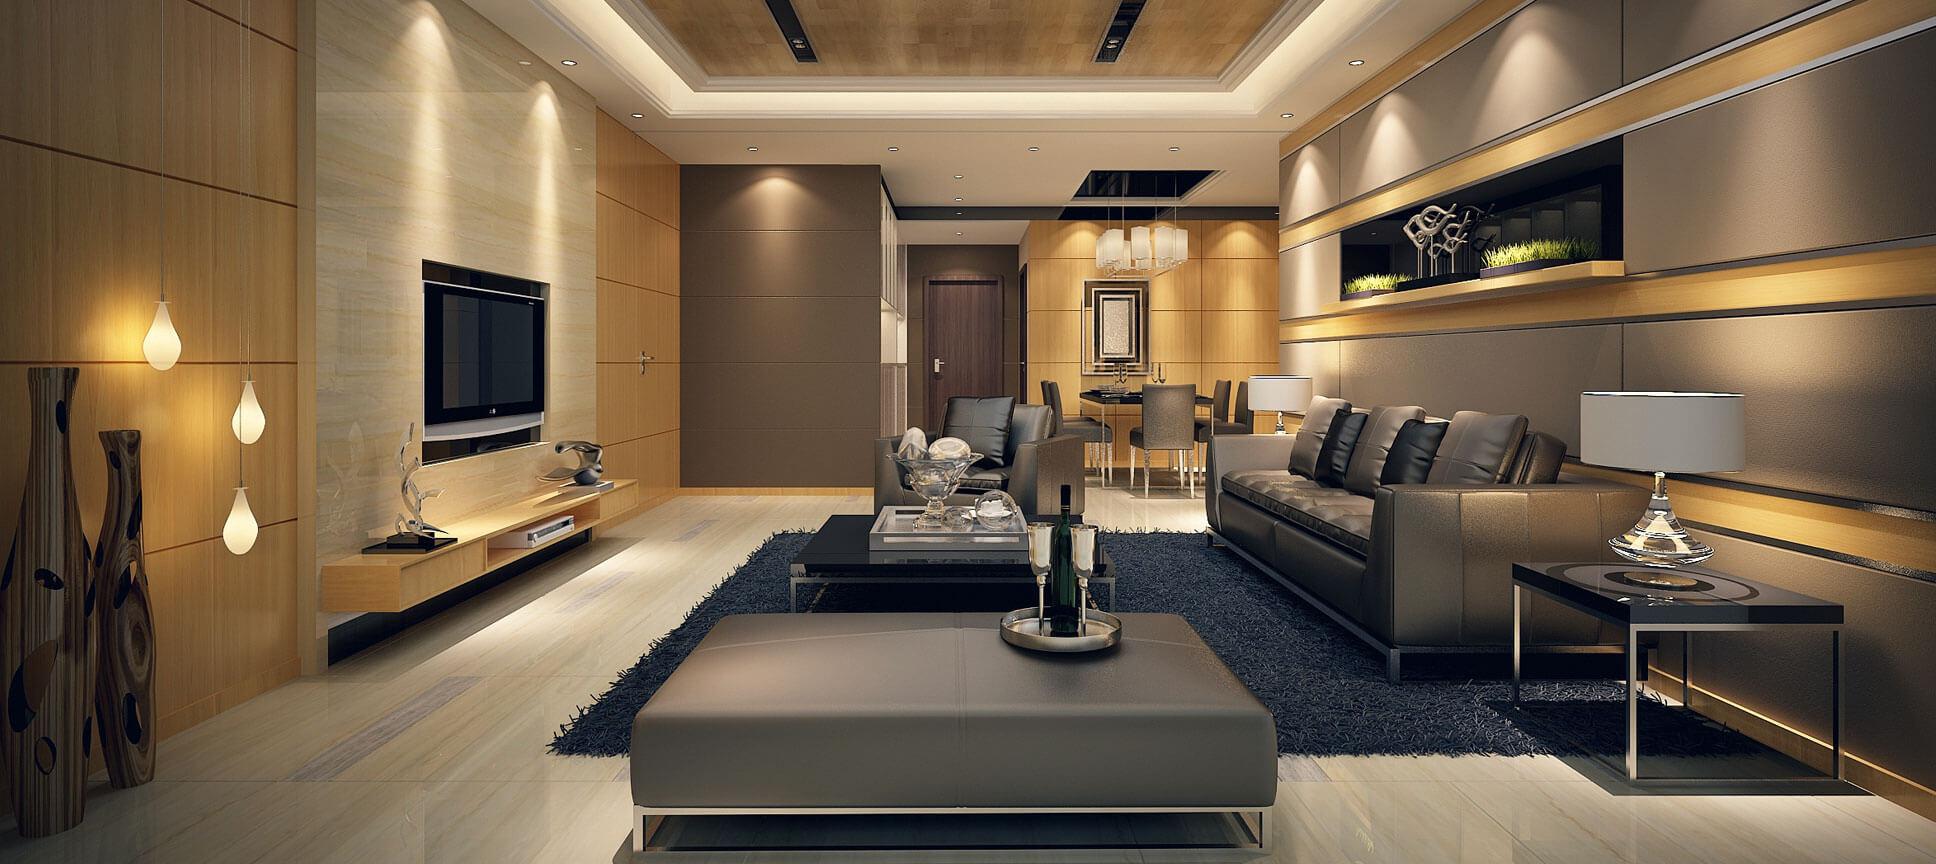 Kiến trúc nội thất tạo ra không gian sống hoàn hảo